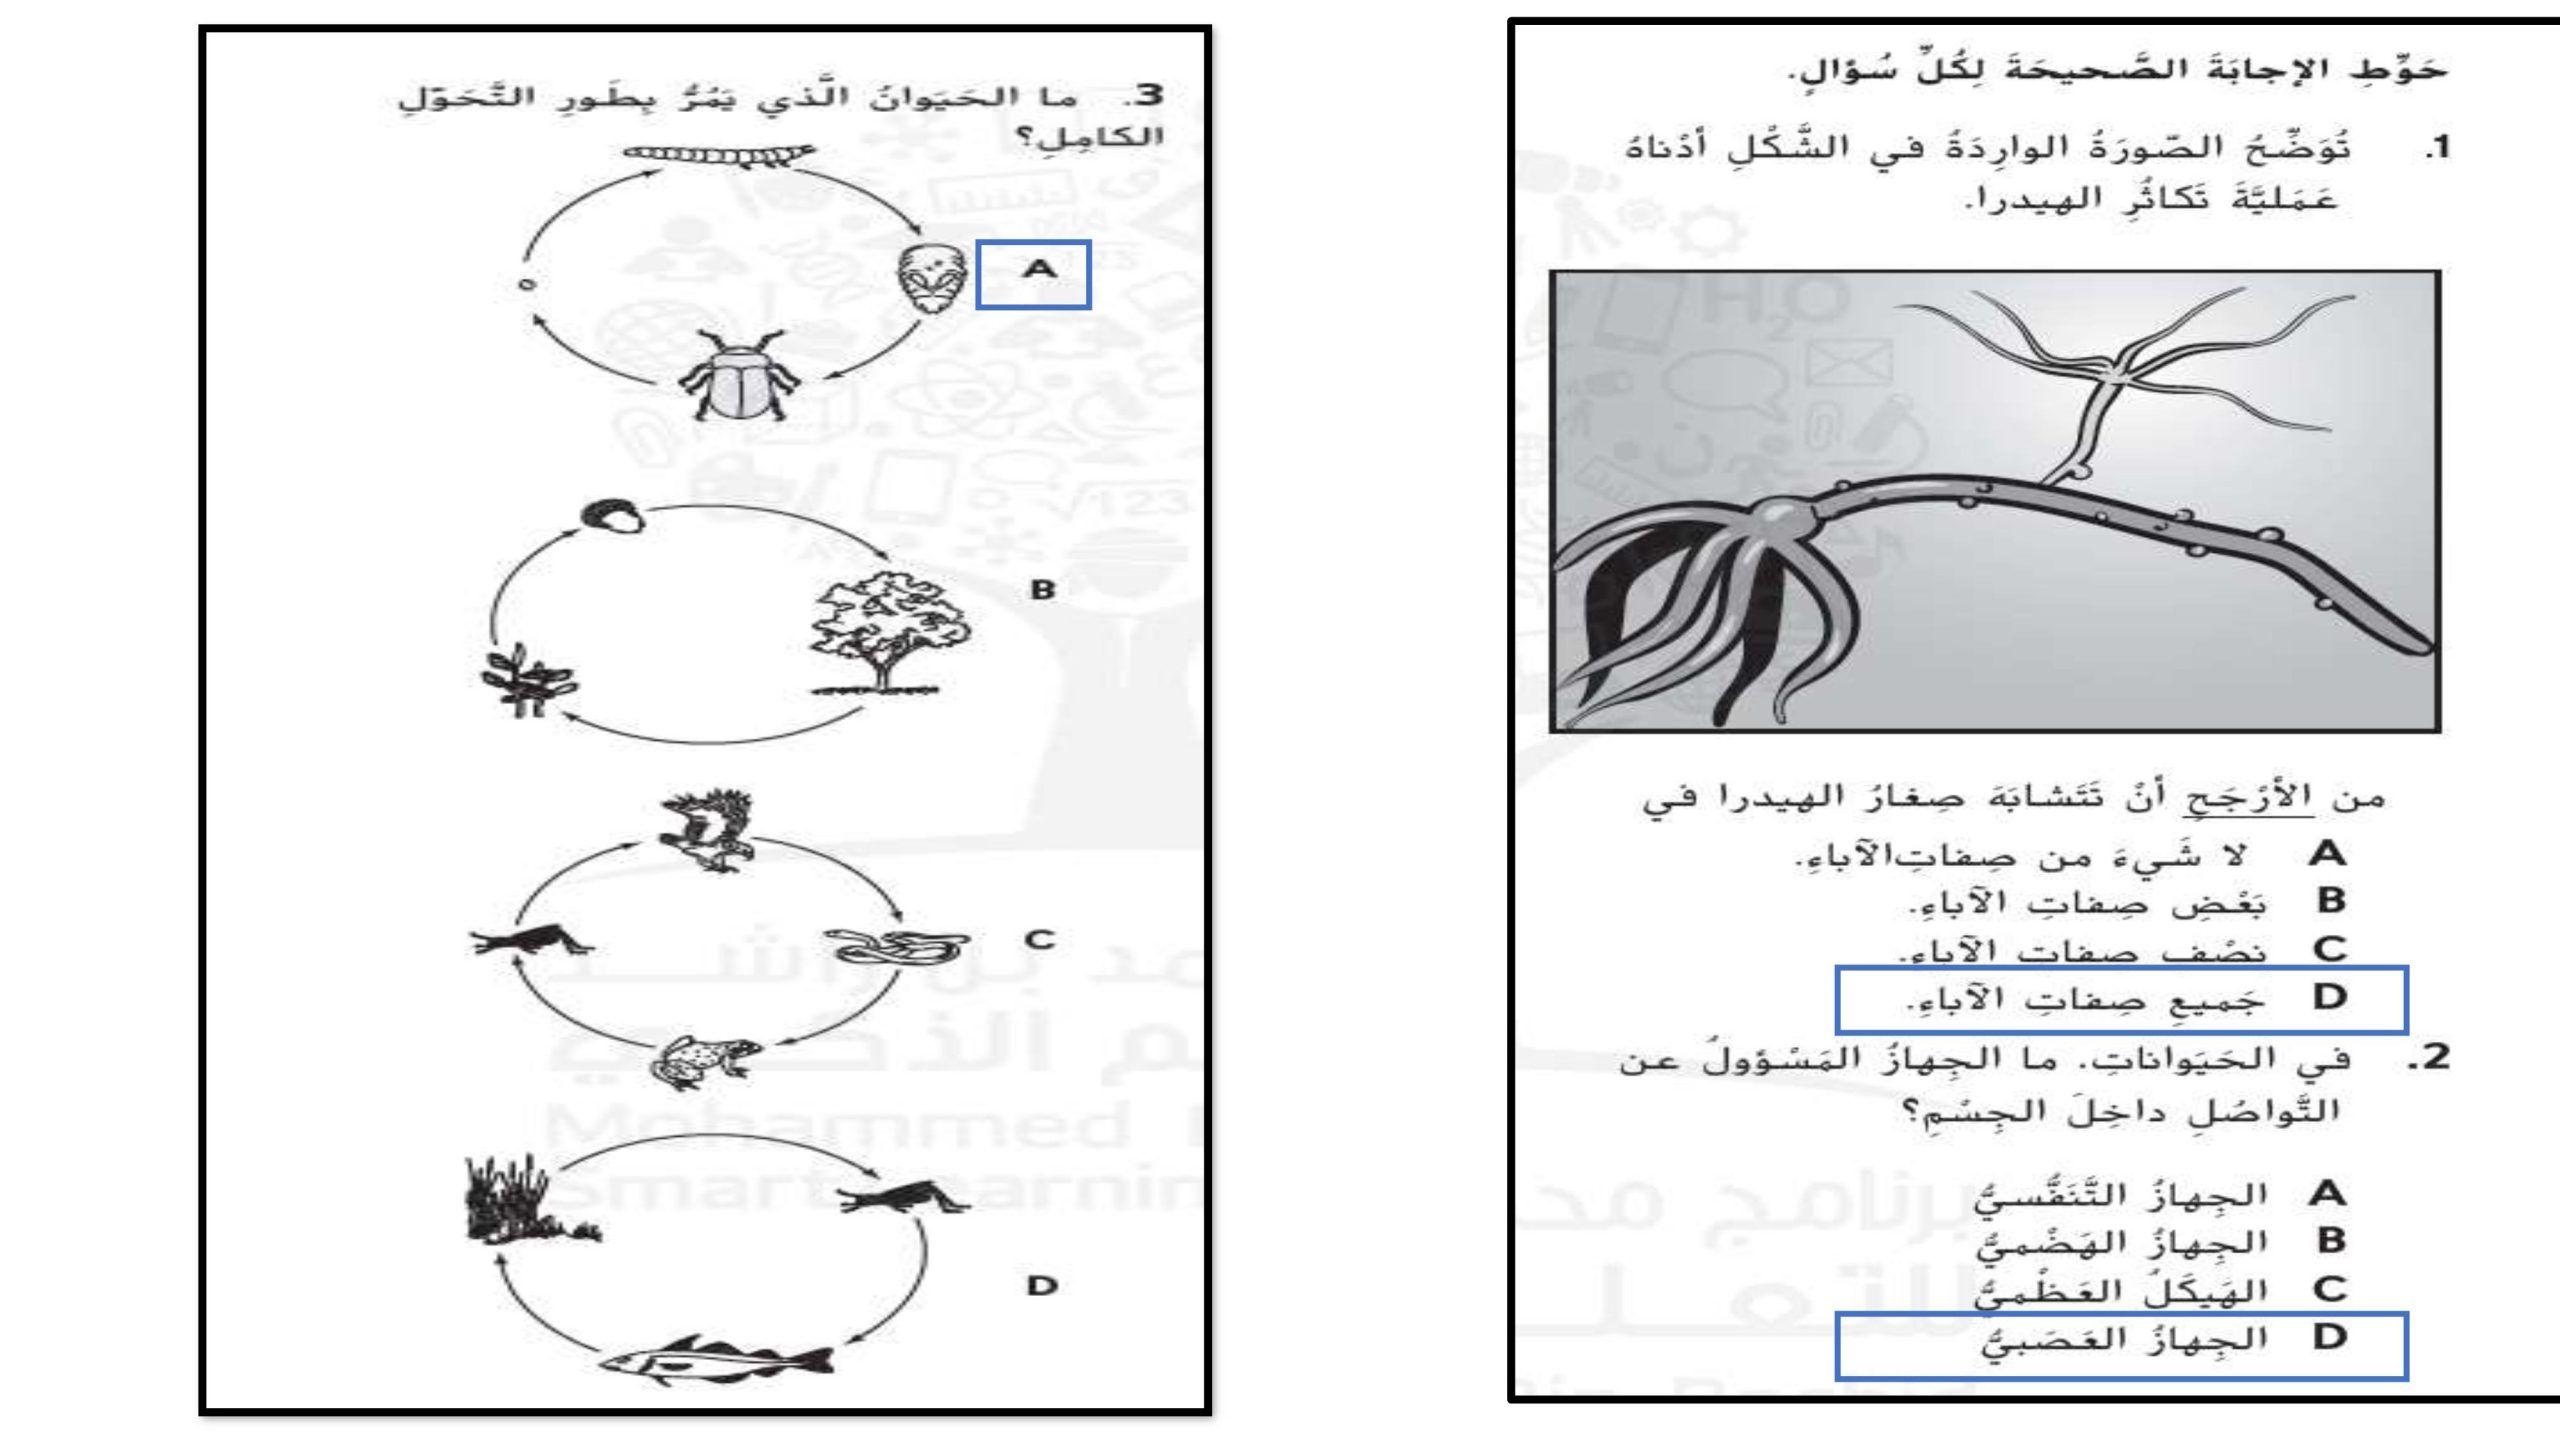 حل اسئلة الكتاب مراجعة الصف الرابع مادة العلوم المتكاملة